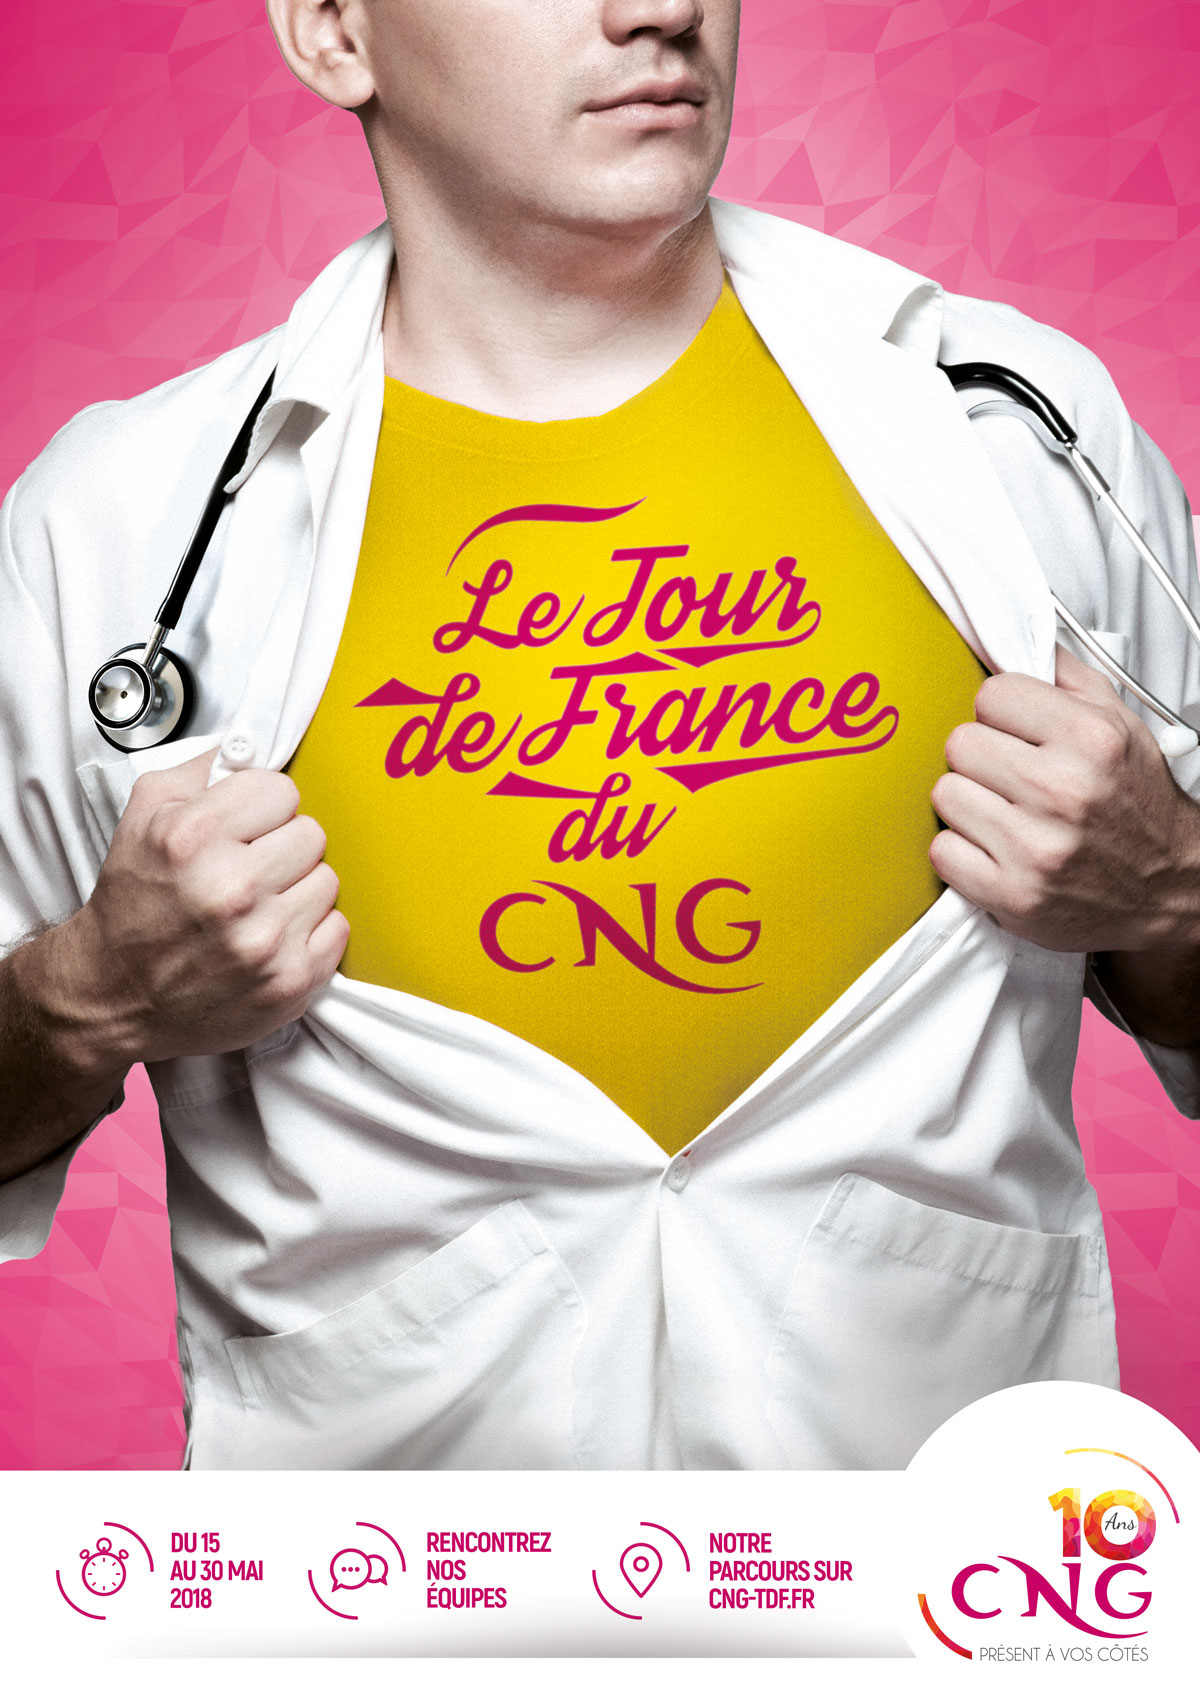 CNG campagne Print communication agence santé karma santé paris nice